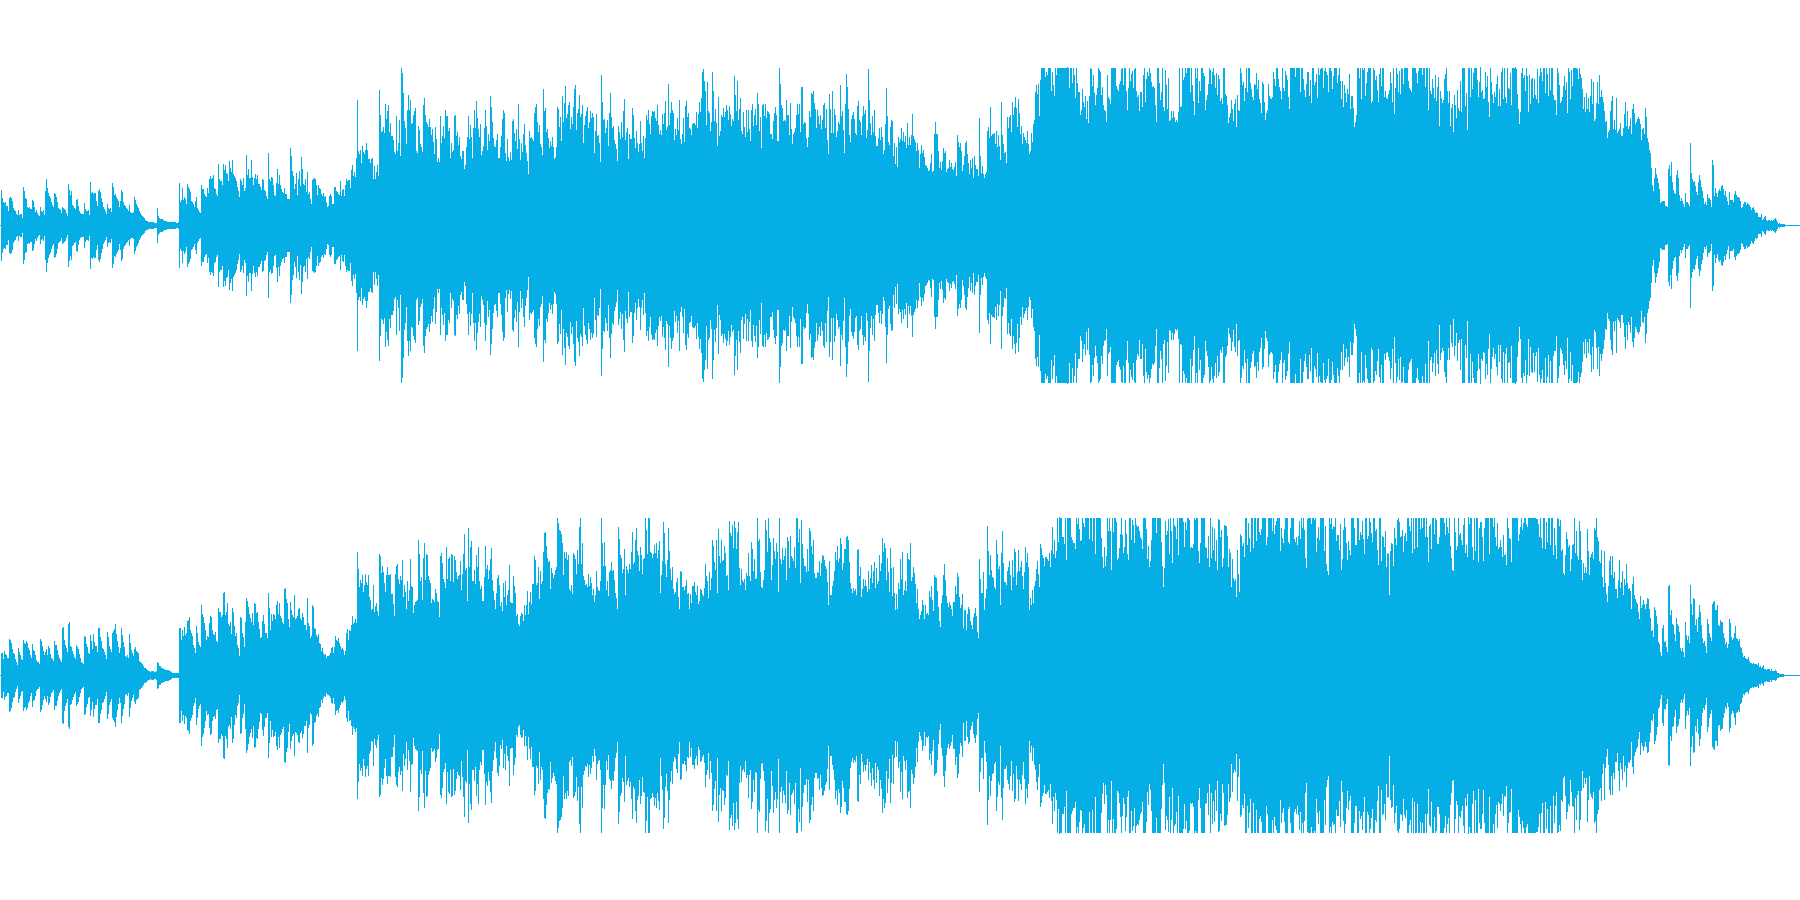 ピアノとストリングスの壮大で感動的な曲の再生済みの波形